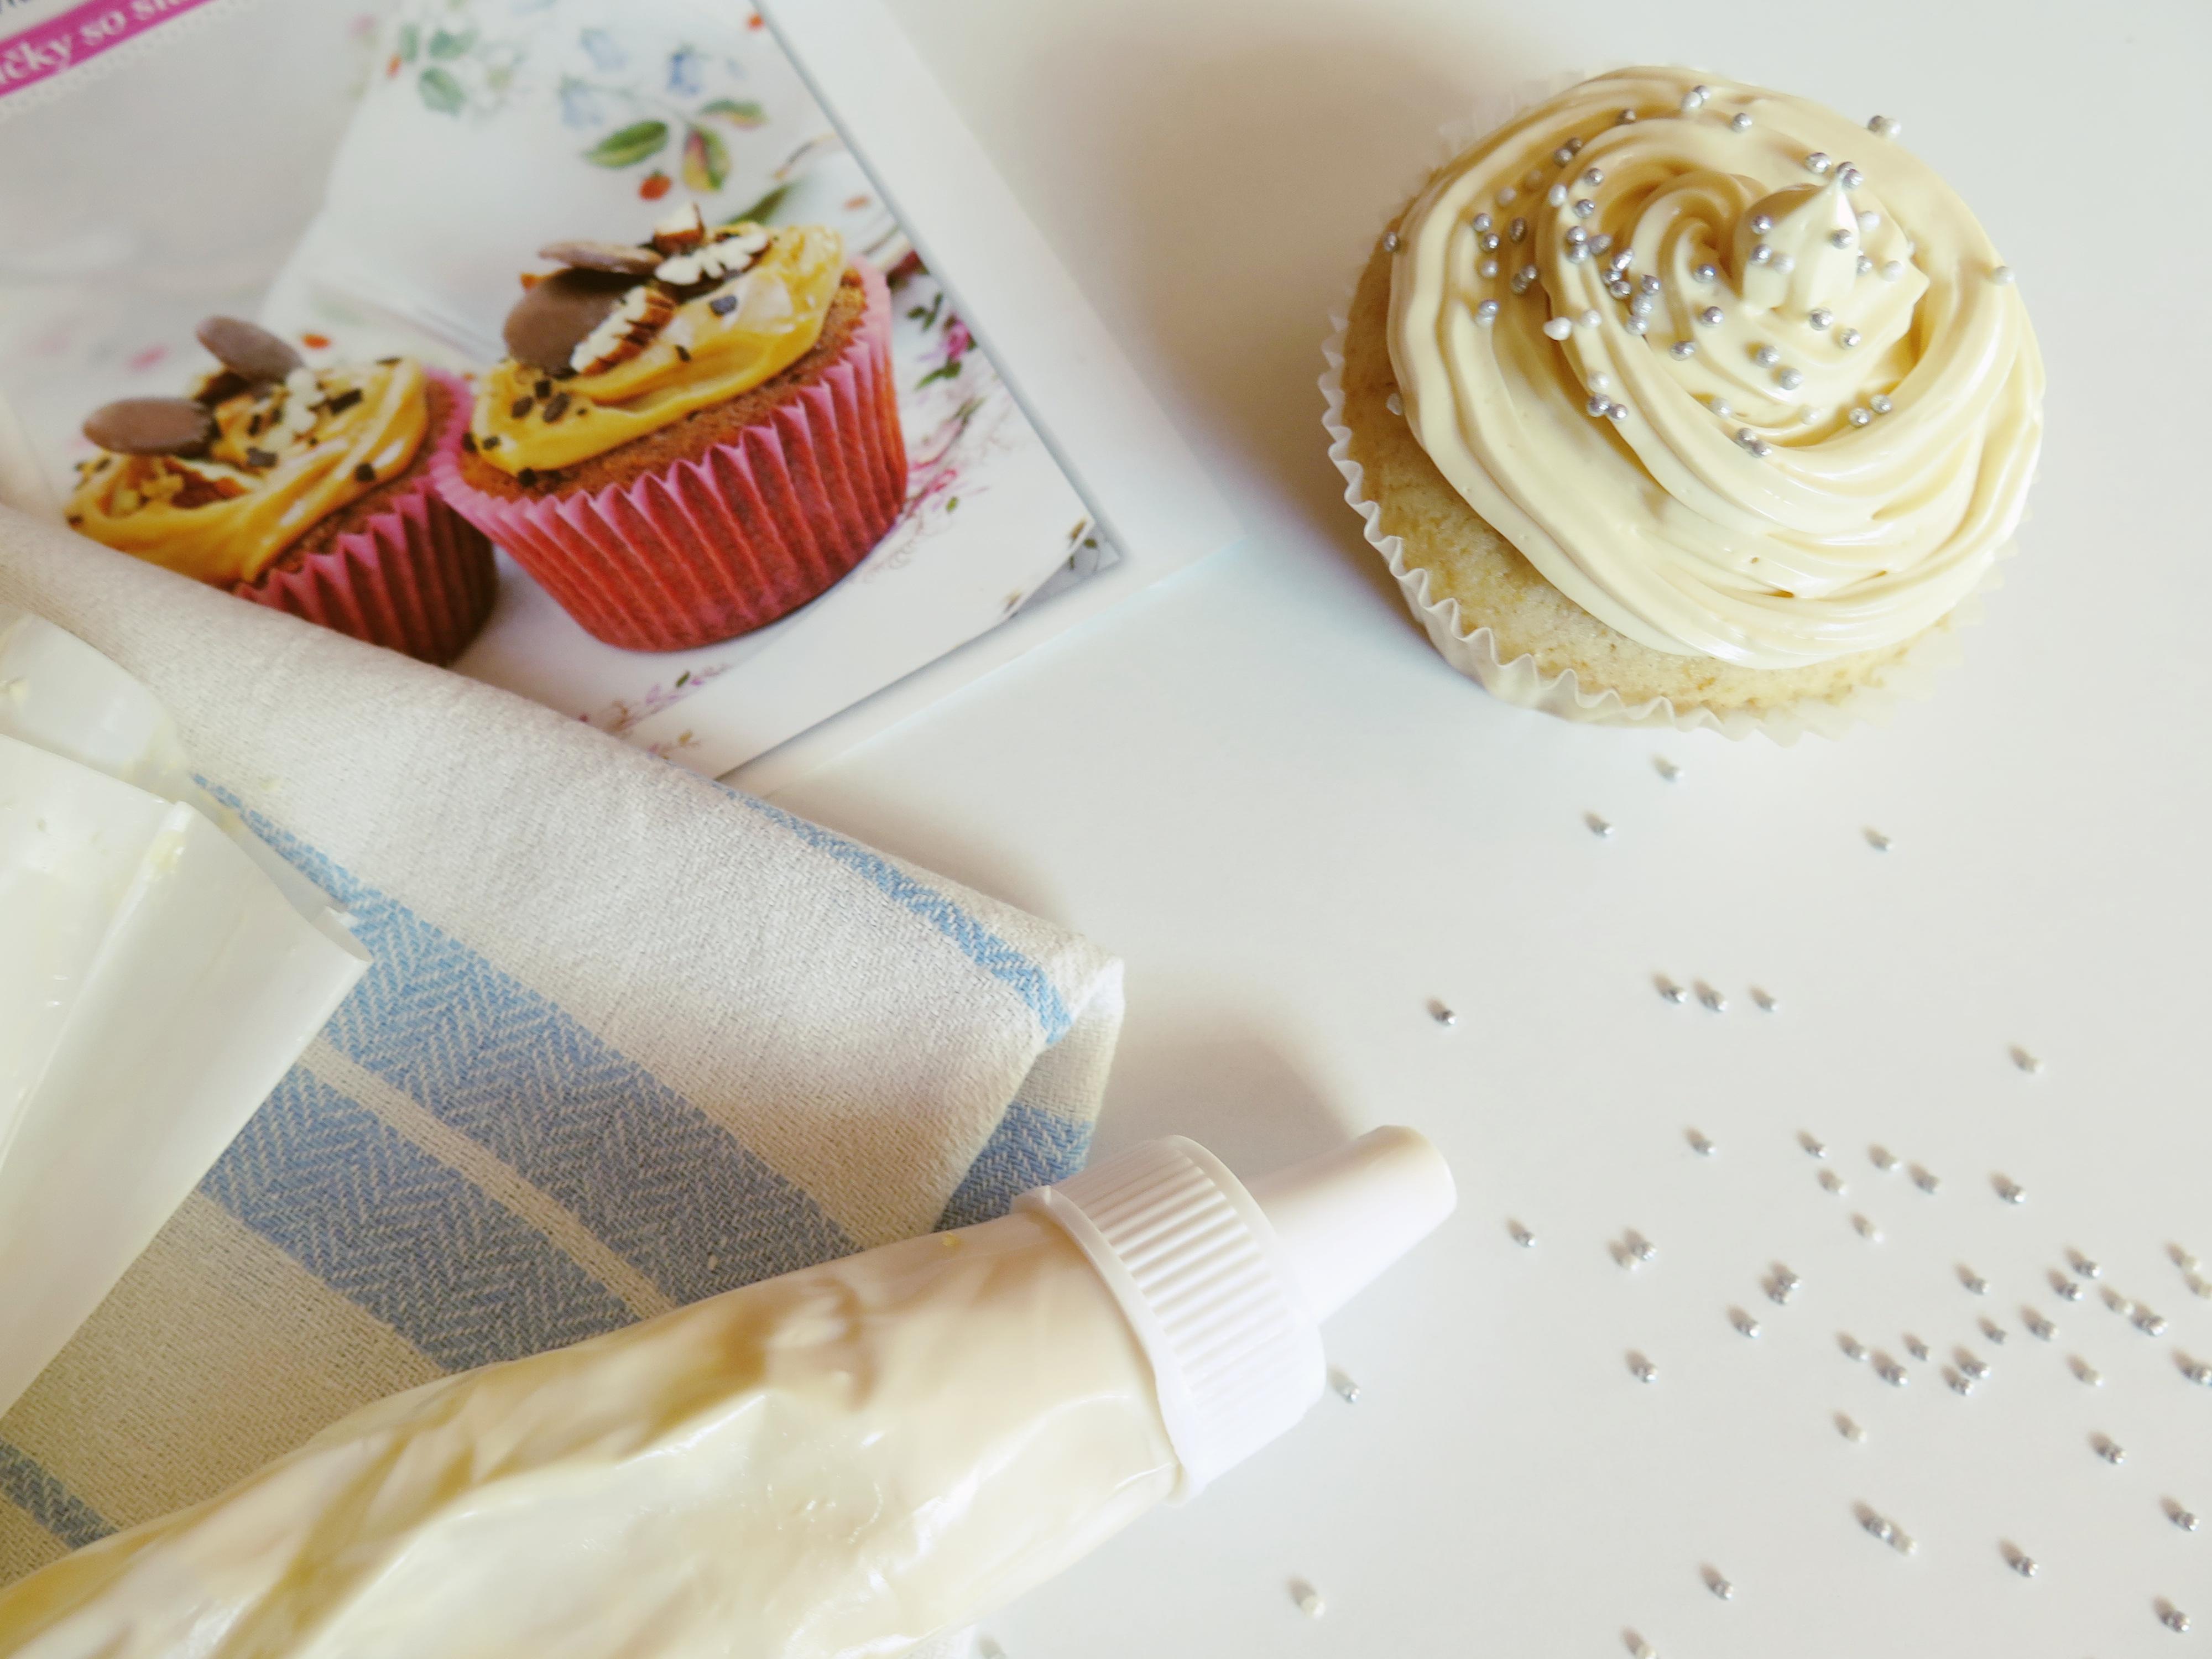 muffin_recipe